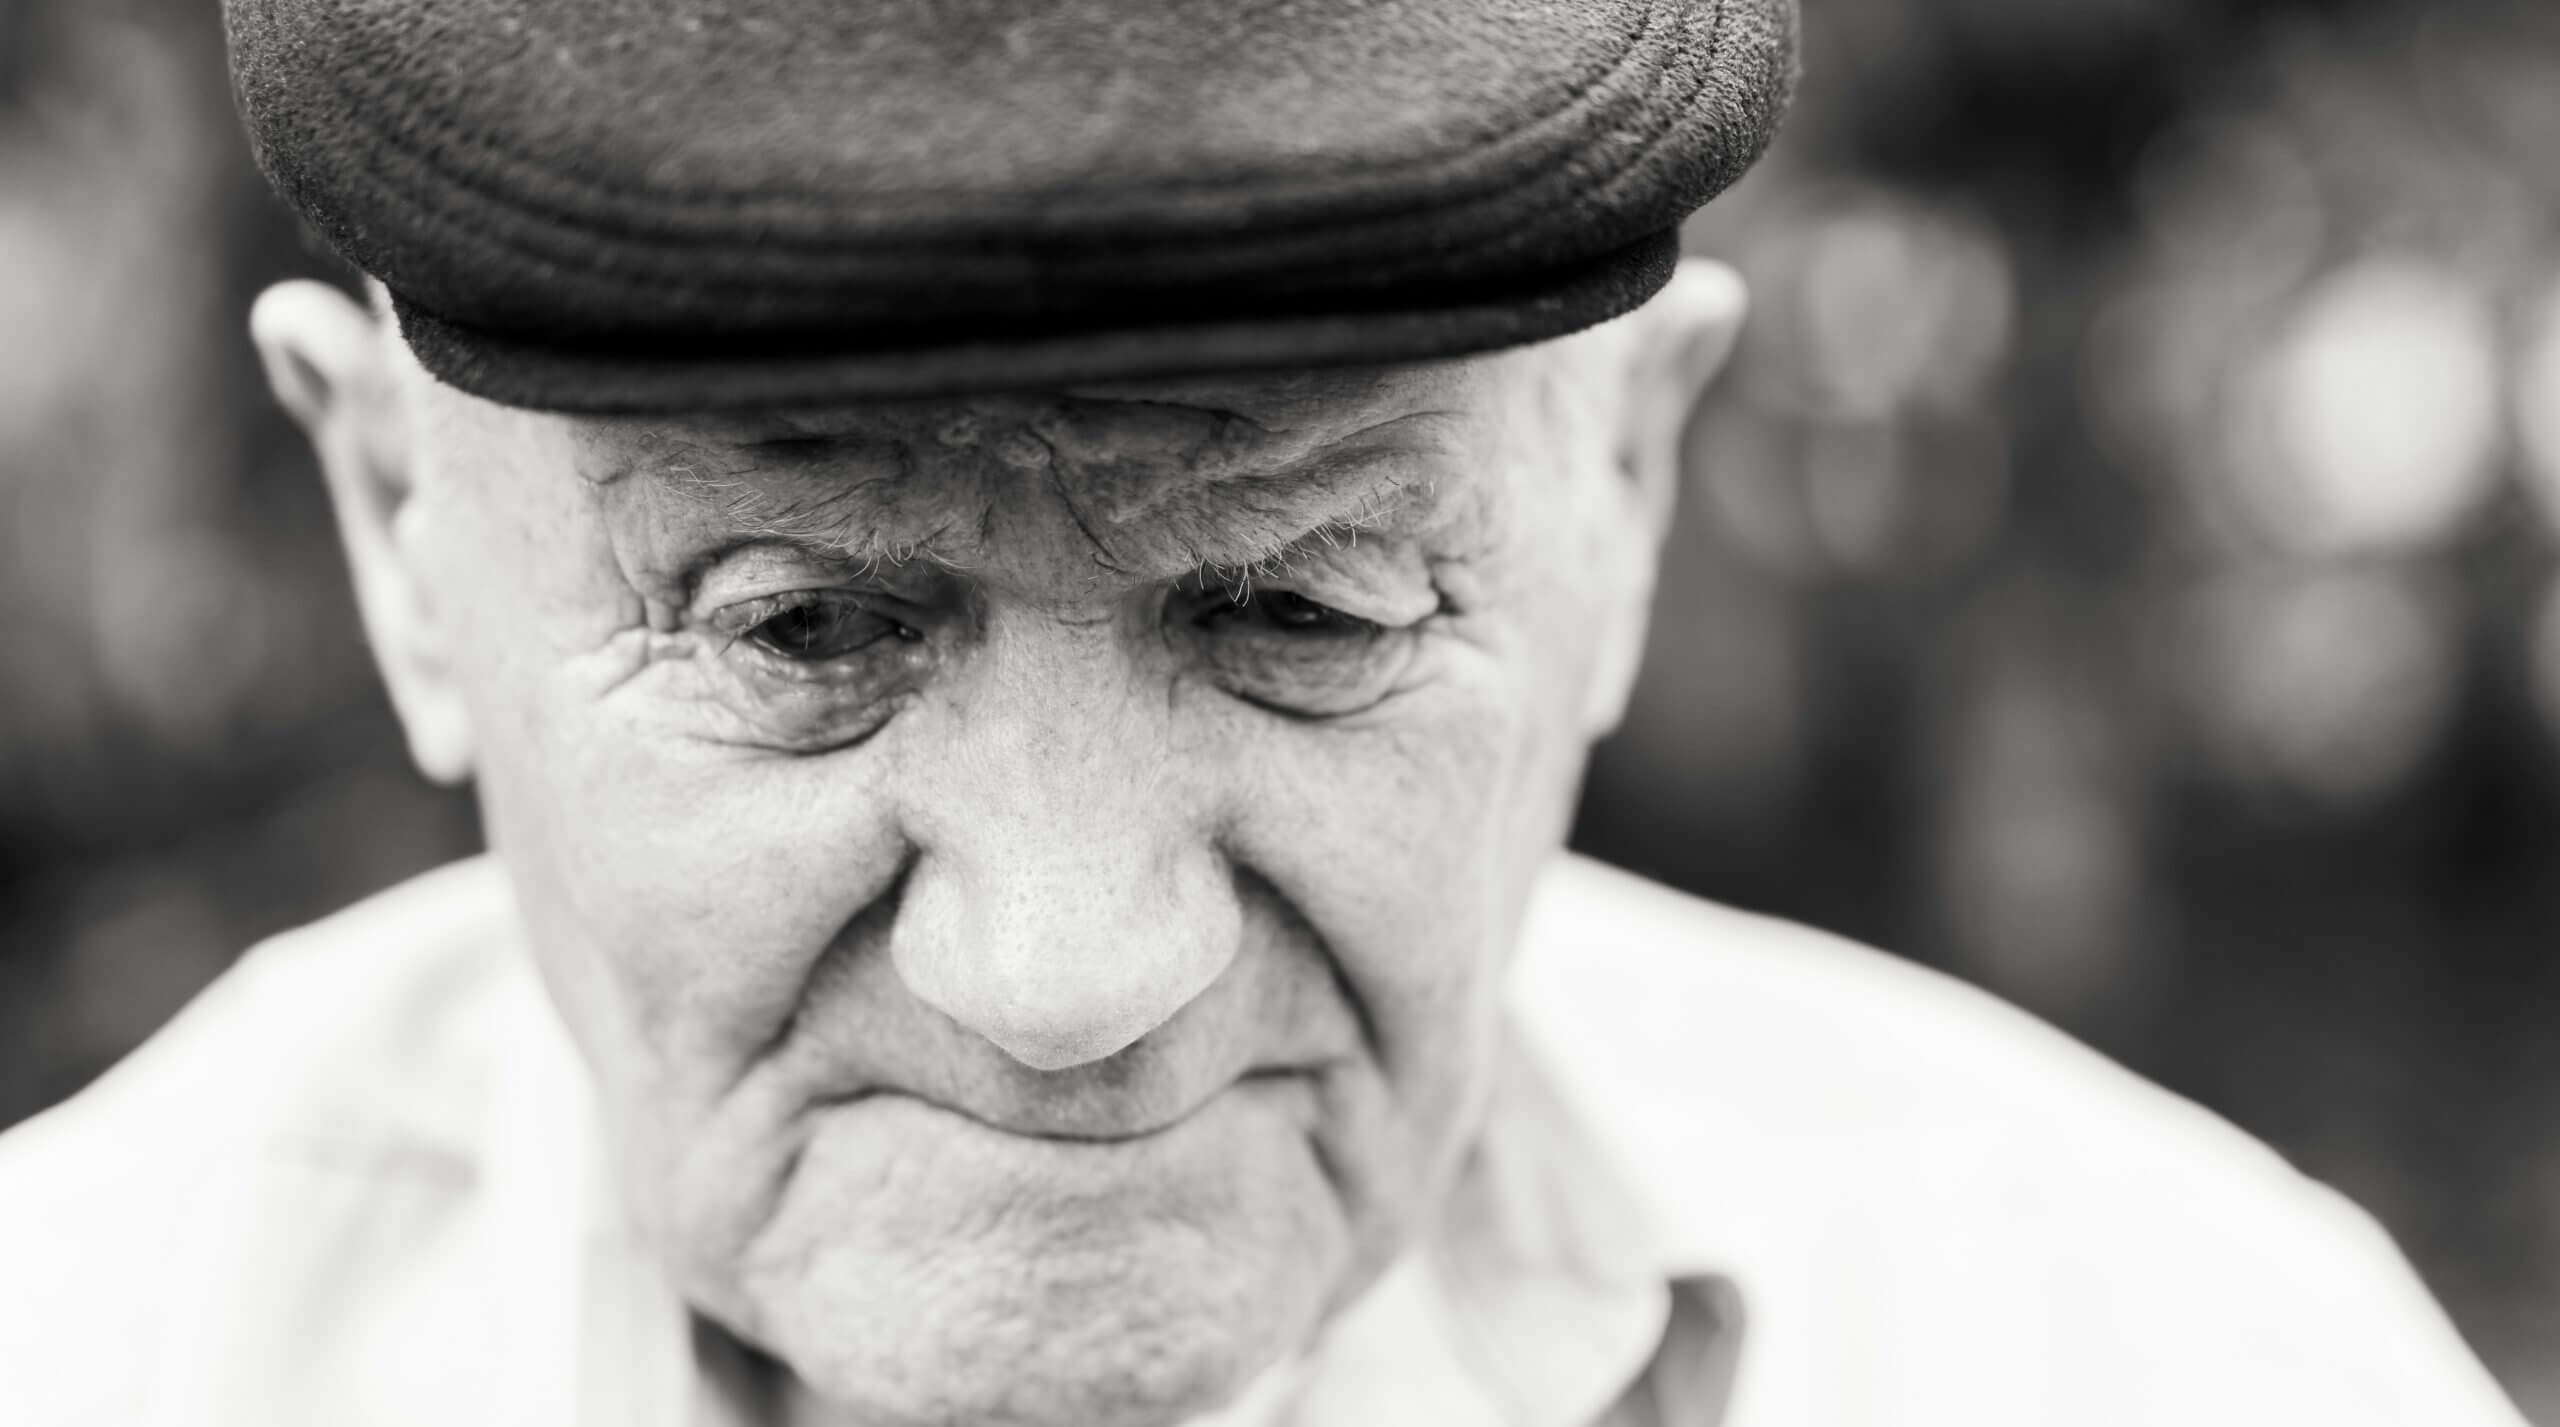 להיות זקן: הרב איל ורד בשיעור על מעלת הזקנה